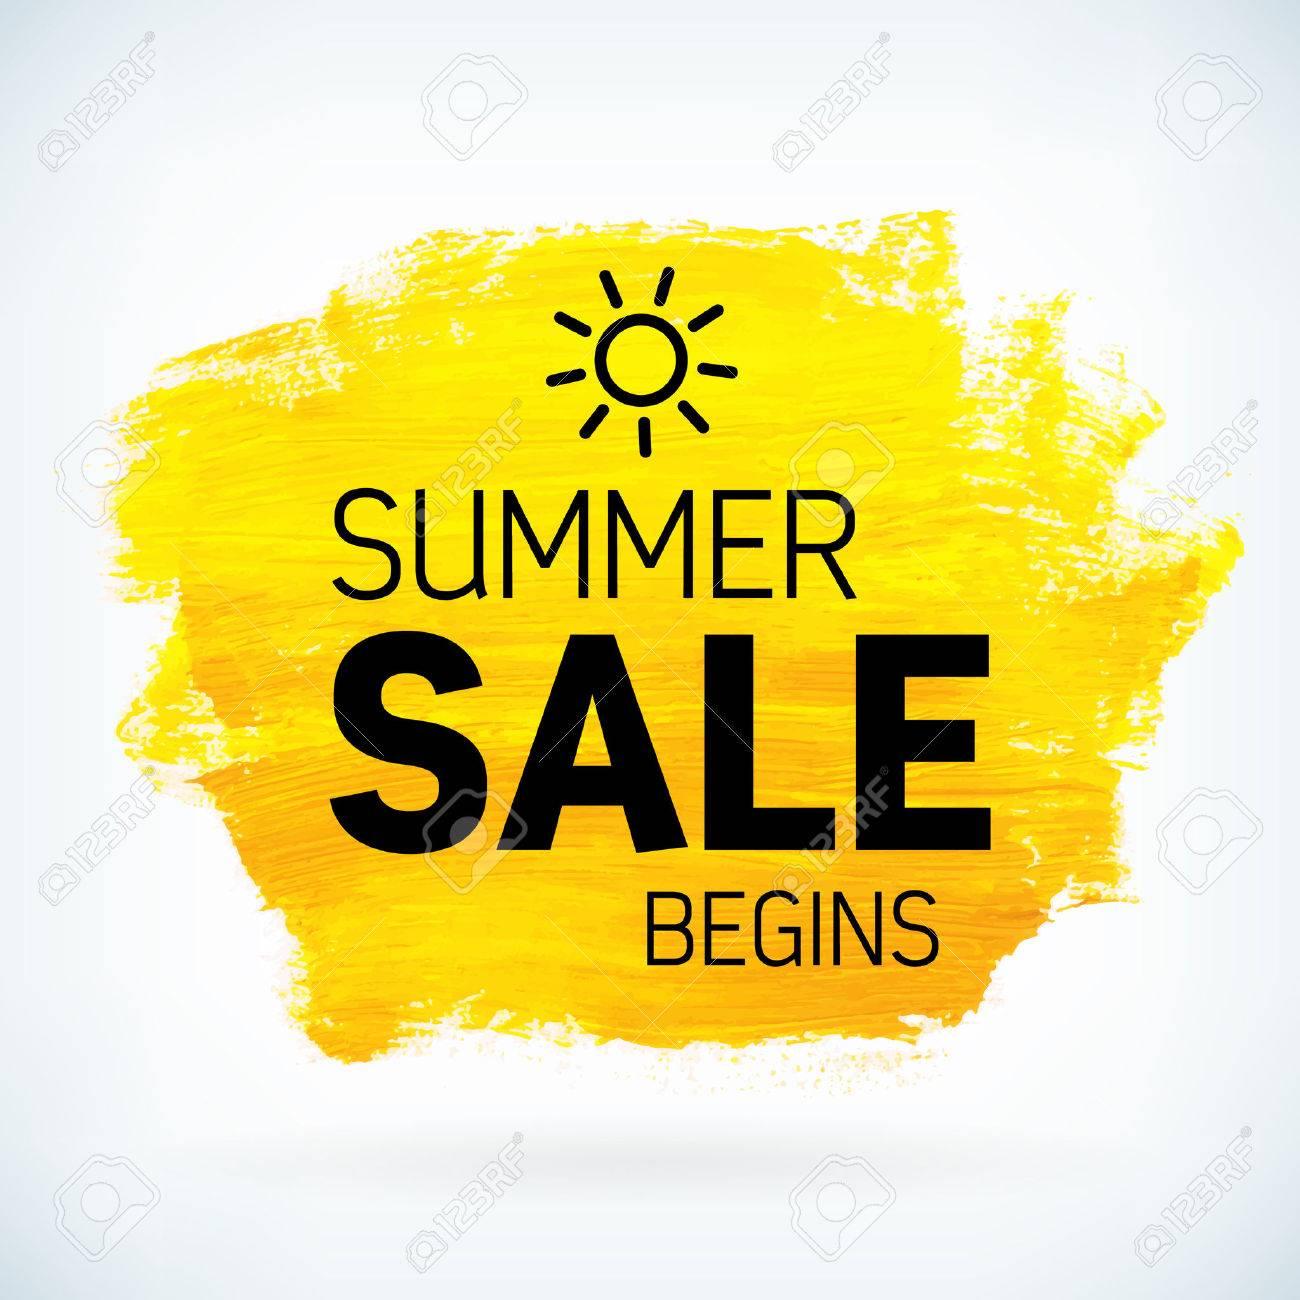 wann beginnt der sommerschlussverkauf